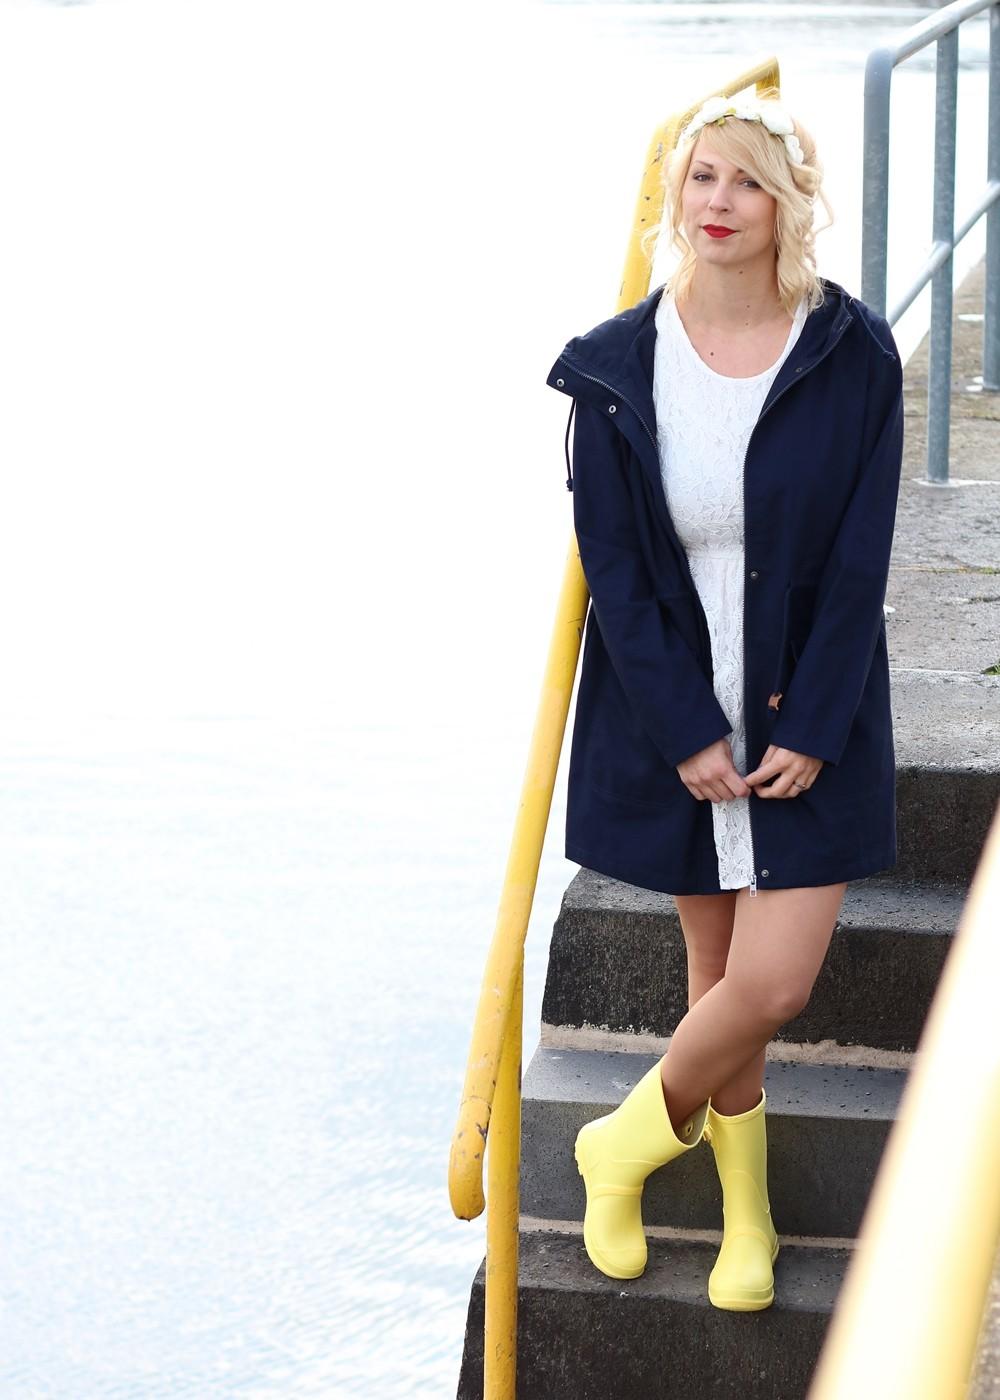 Fashionblogger Outfit Gummistiefel Asos Spitzenkleid blauer Parka Blumenhaarband (16)